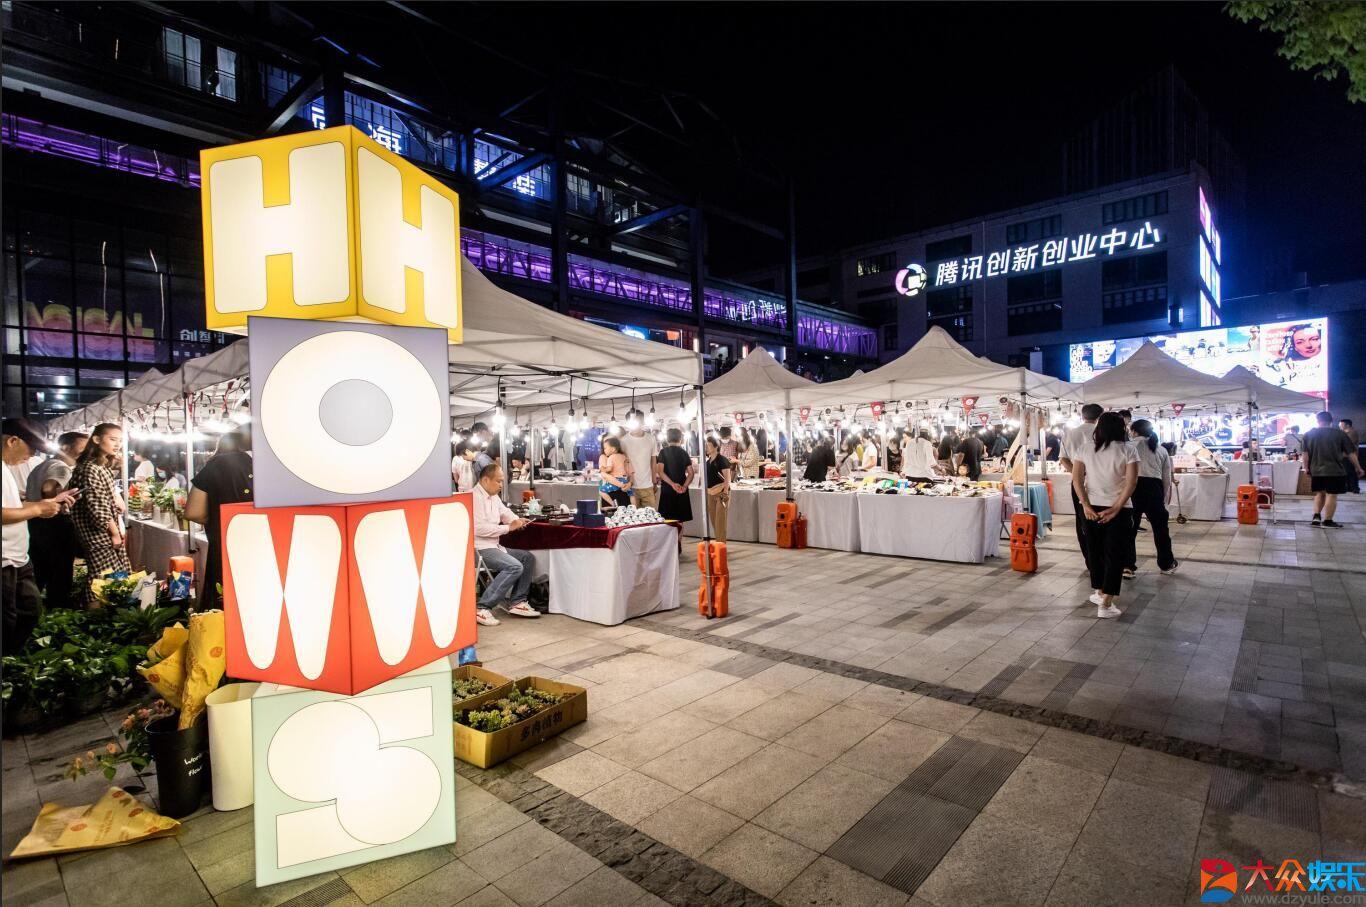 打开夜经济的新方式 大创智用文创集市点亮杨浦